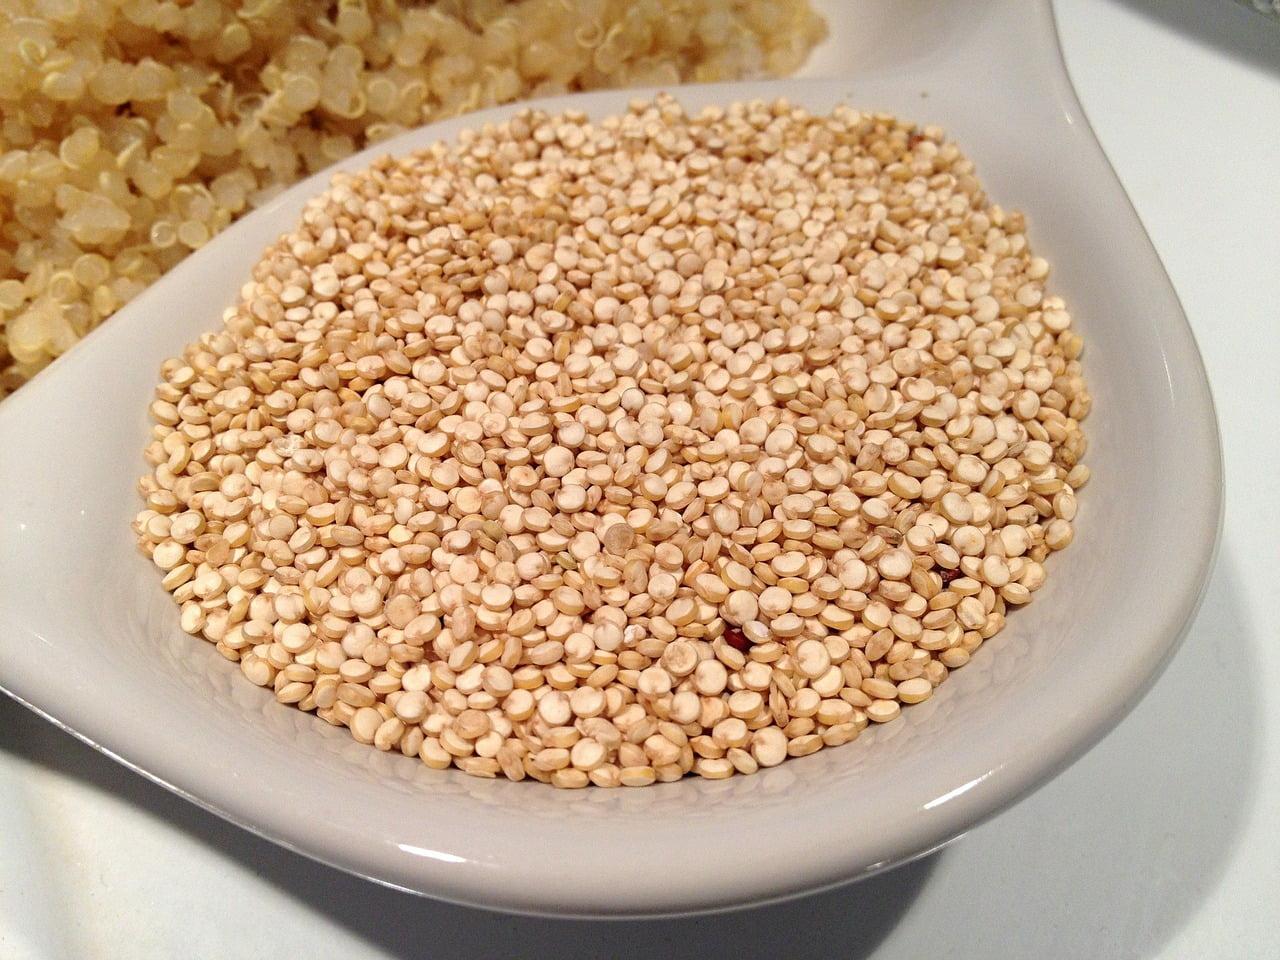 Beneficiile semințelor de quinoa. 7 beneficii dovedite științific